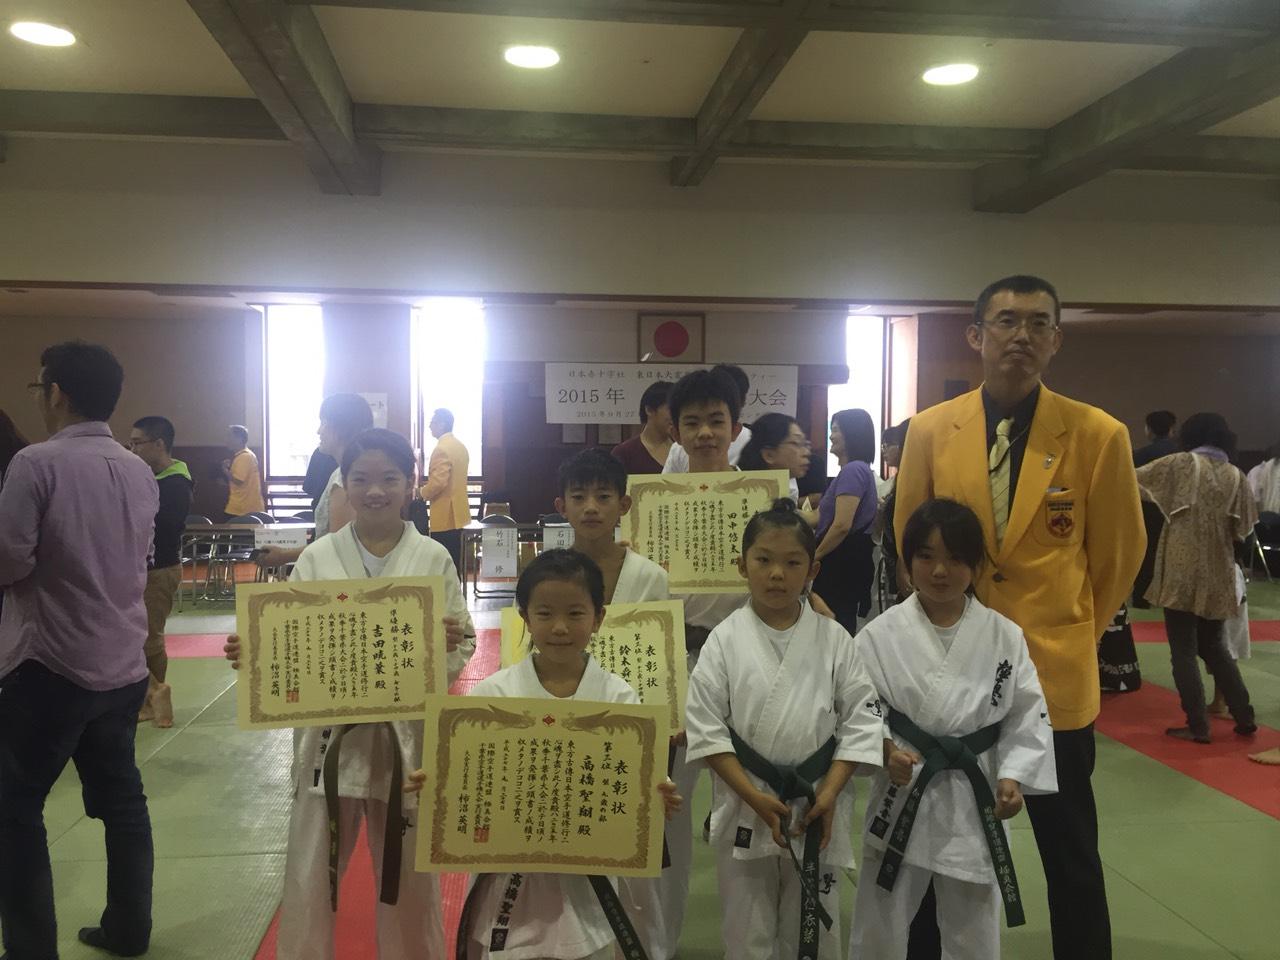 http://www.kyokushin-chibaminami.com/images/1443786934596.jpg